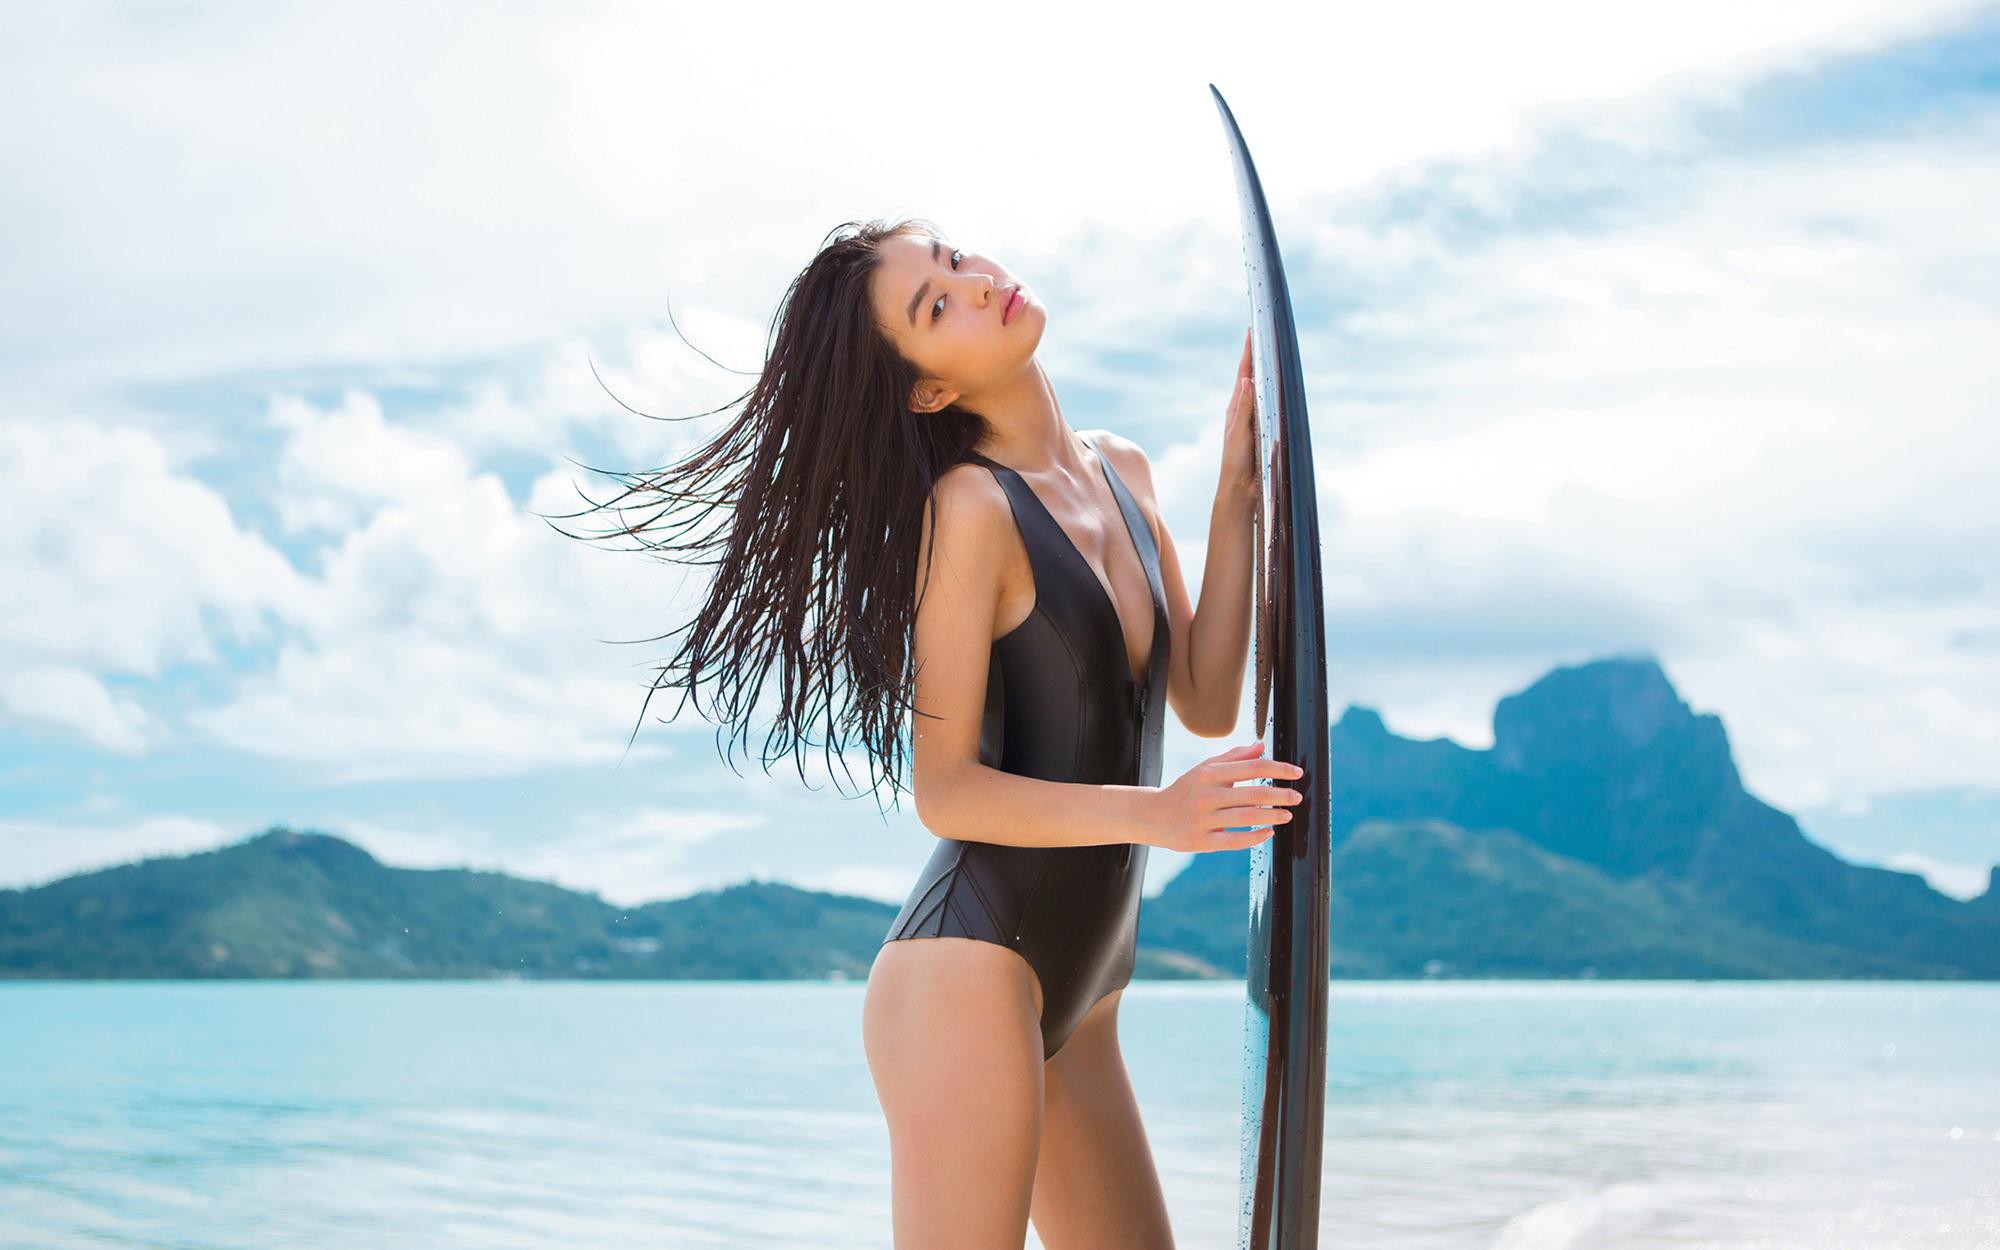 Nhan sắc người mẫu Trung Quốc lần đầu góp mặt trong Victoria's Secret